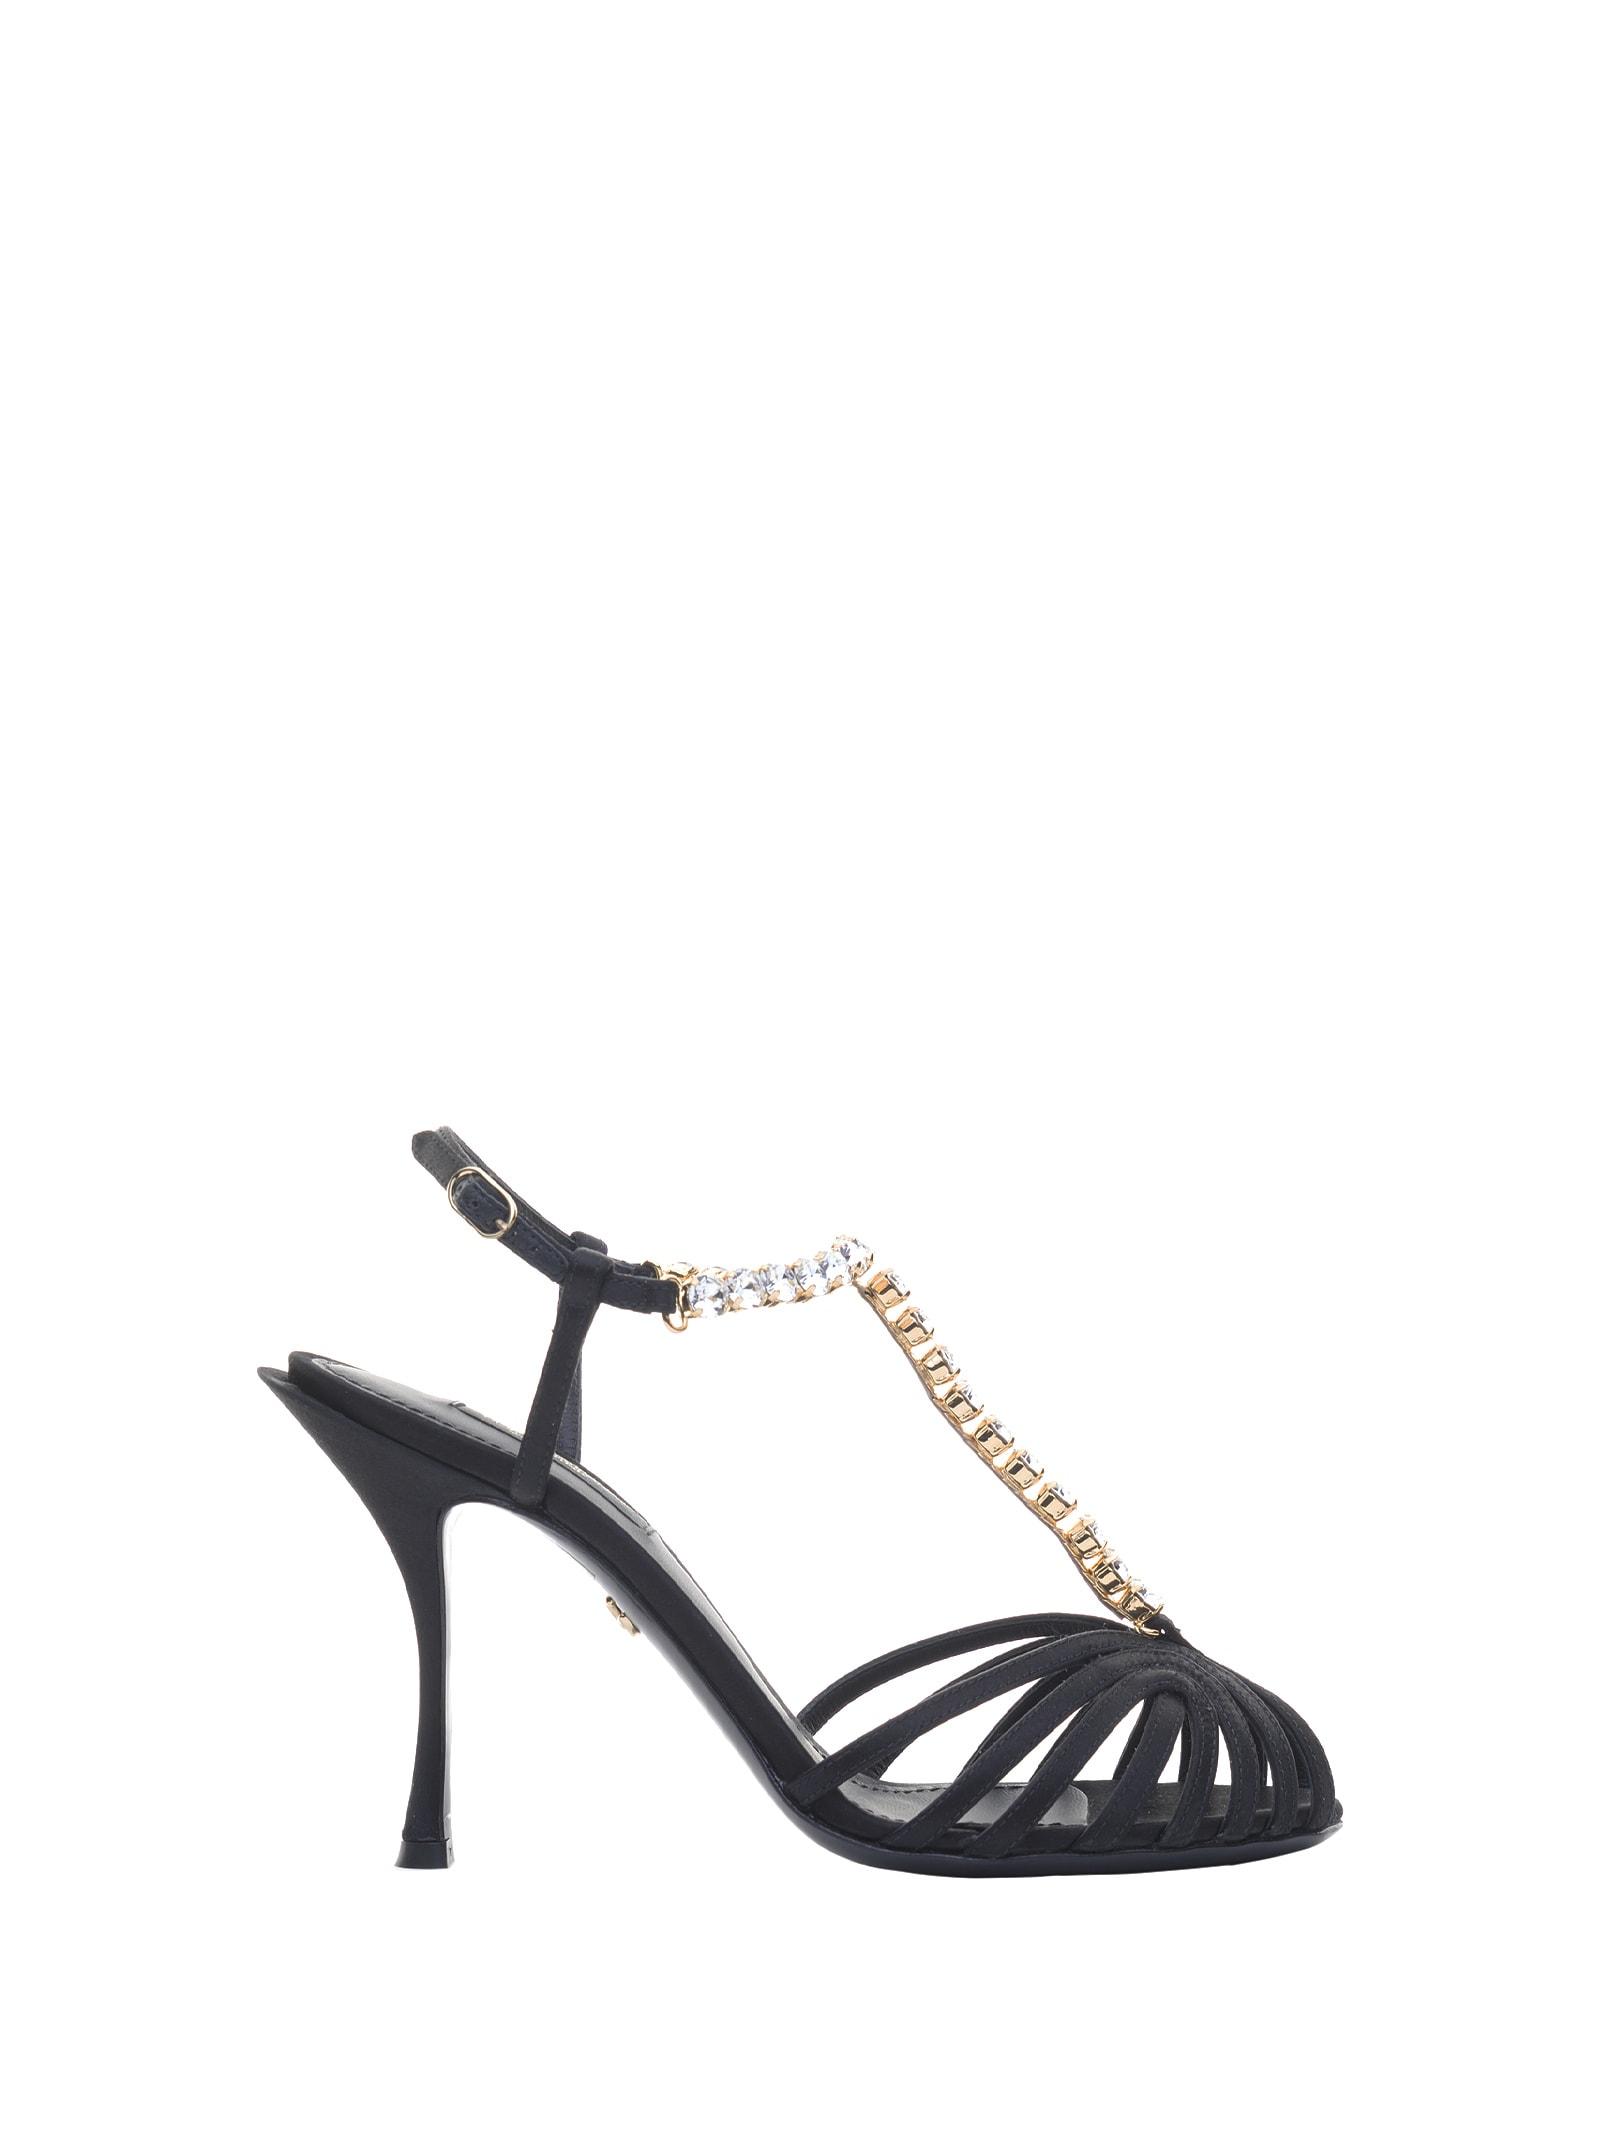 Dolce & Gabbana Dolce & Gabbana Keira T-strap Sandals